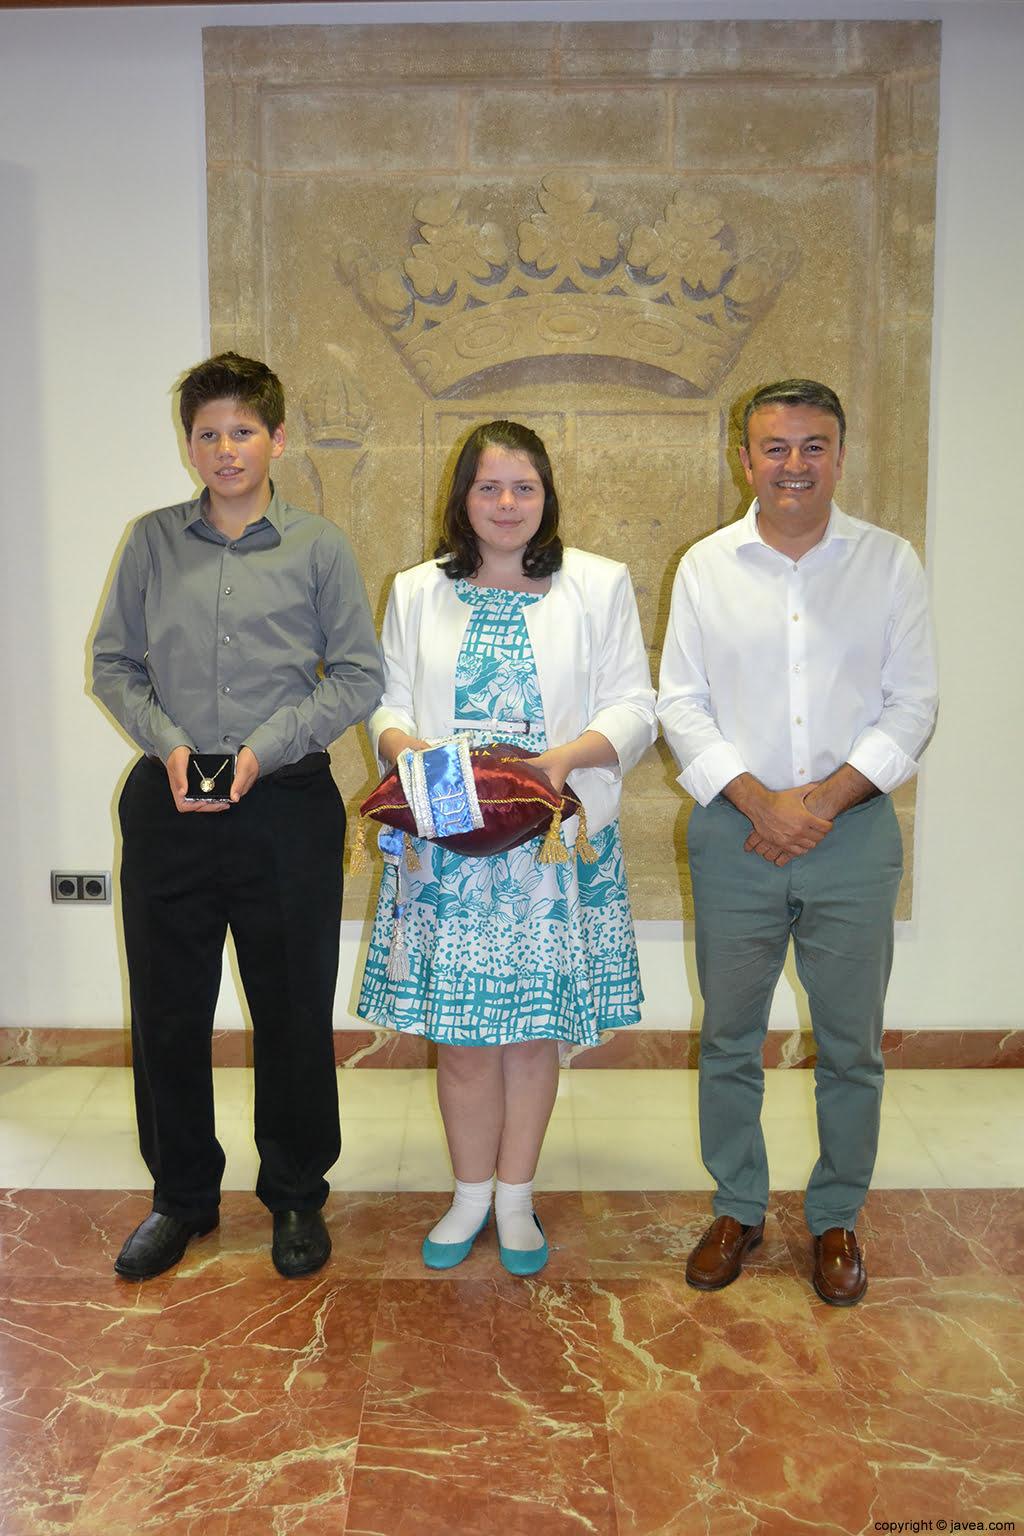 Los presidentes de la comisión juvenil, Kylie Barnes y George Walker, junto con el alcalde José Chulvi